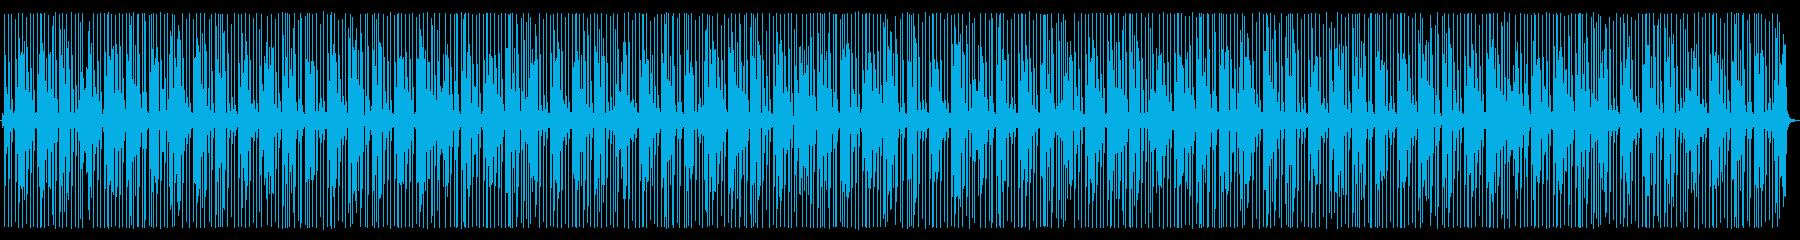 テクノロジー系製品機能紹介などのBGM用の再生済みの波形